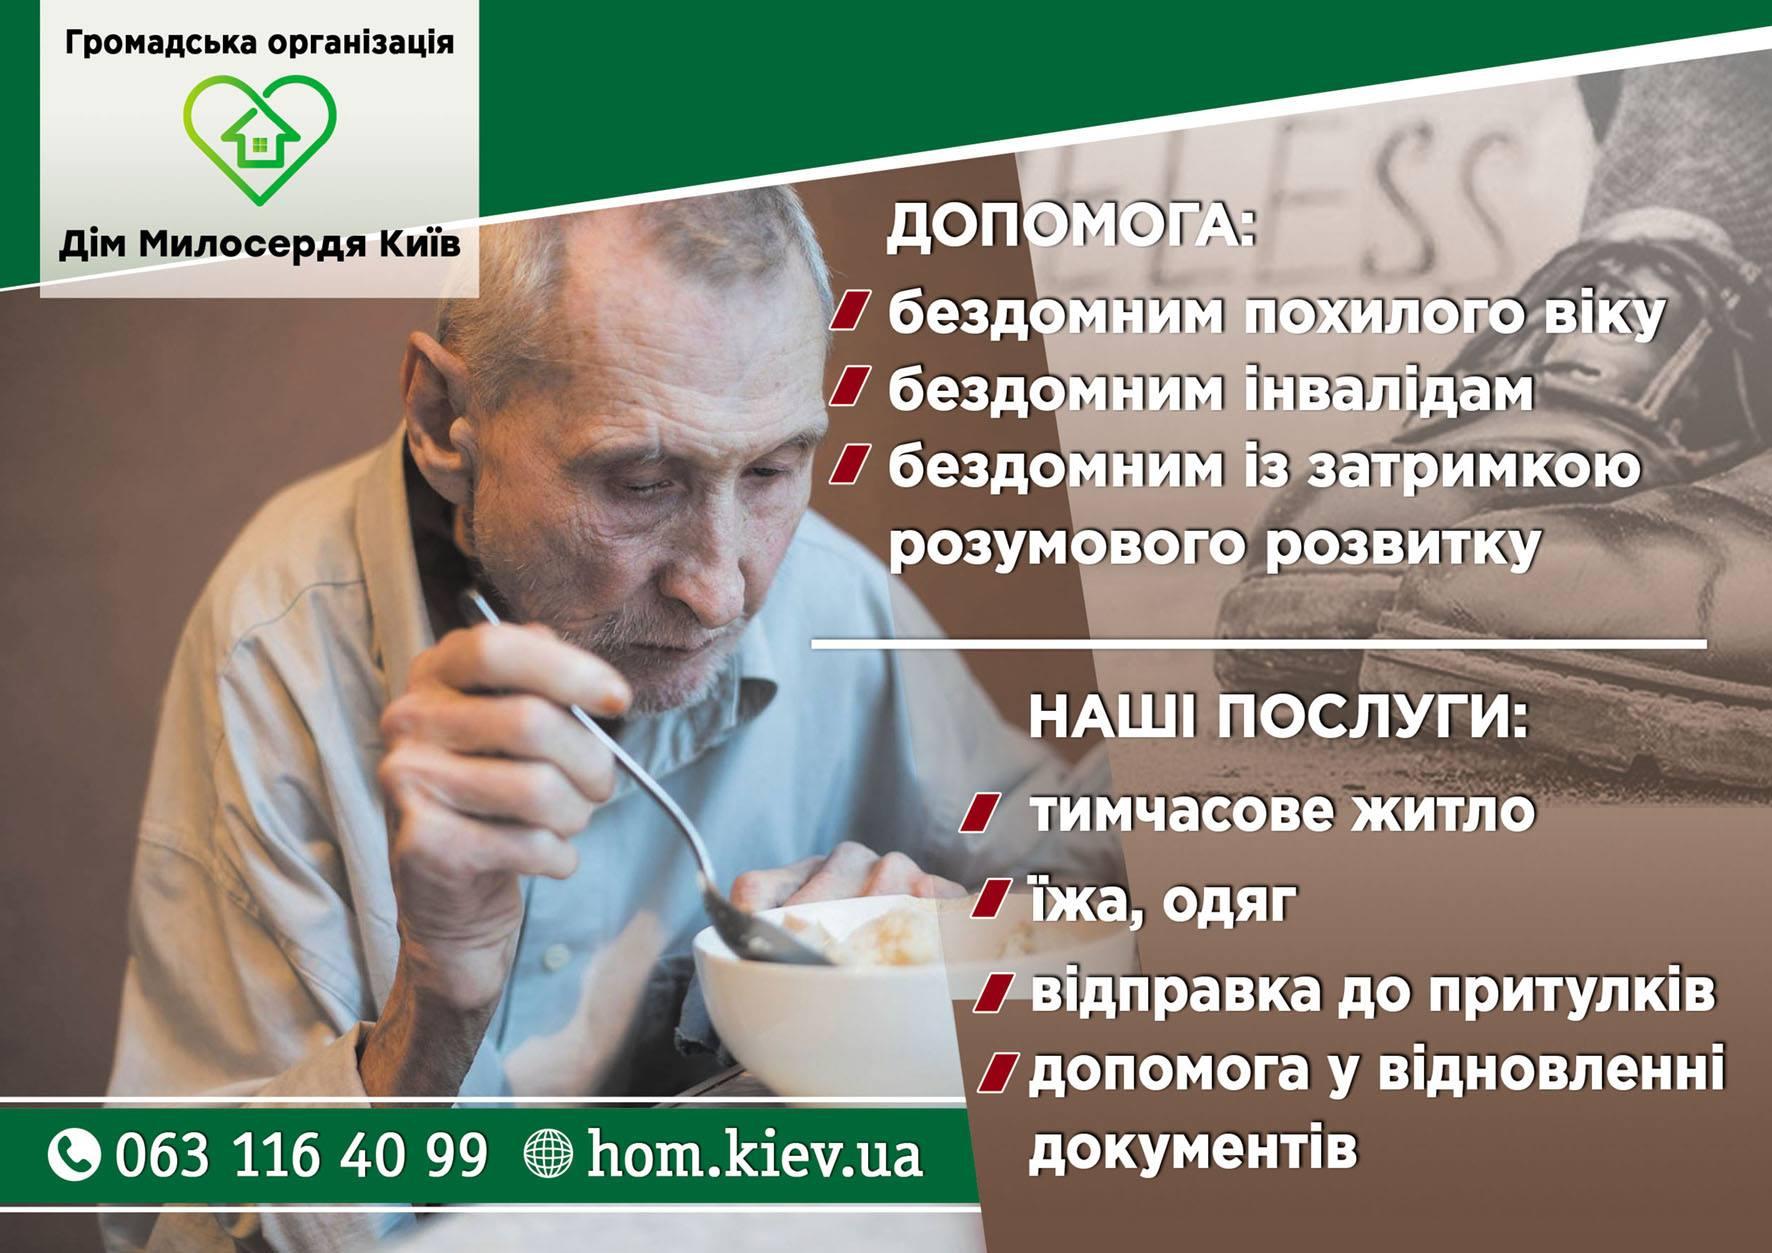 Допомога бездомним людям похилого віку та бездомним інвалідам